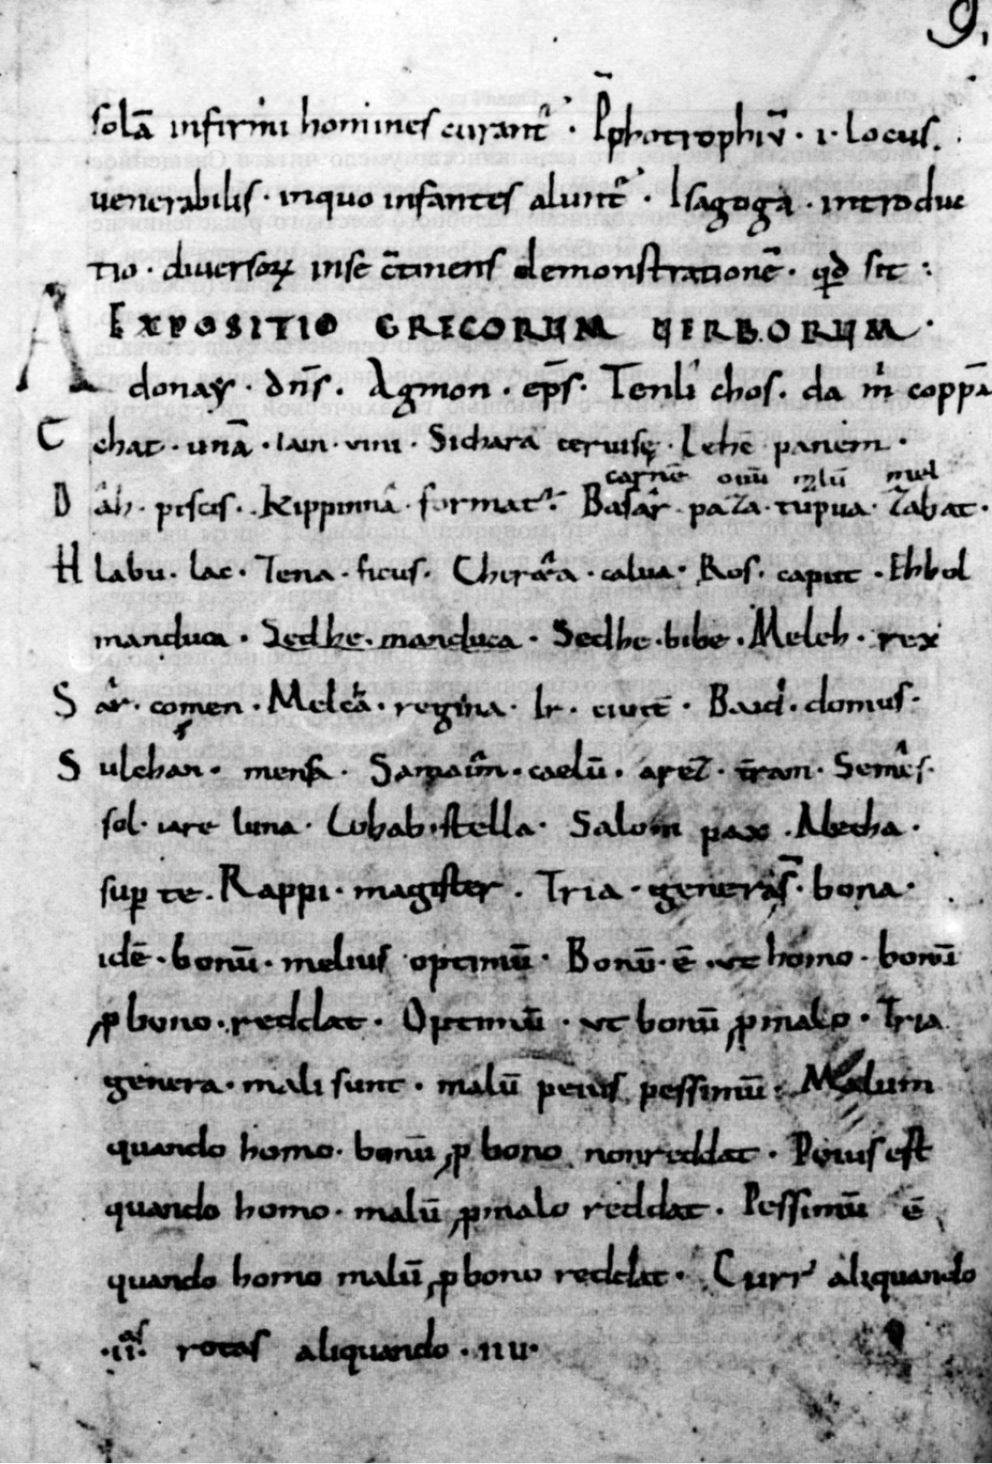 фразы сенеки на латыни с переводом